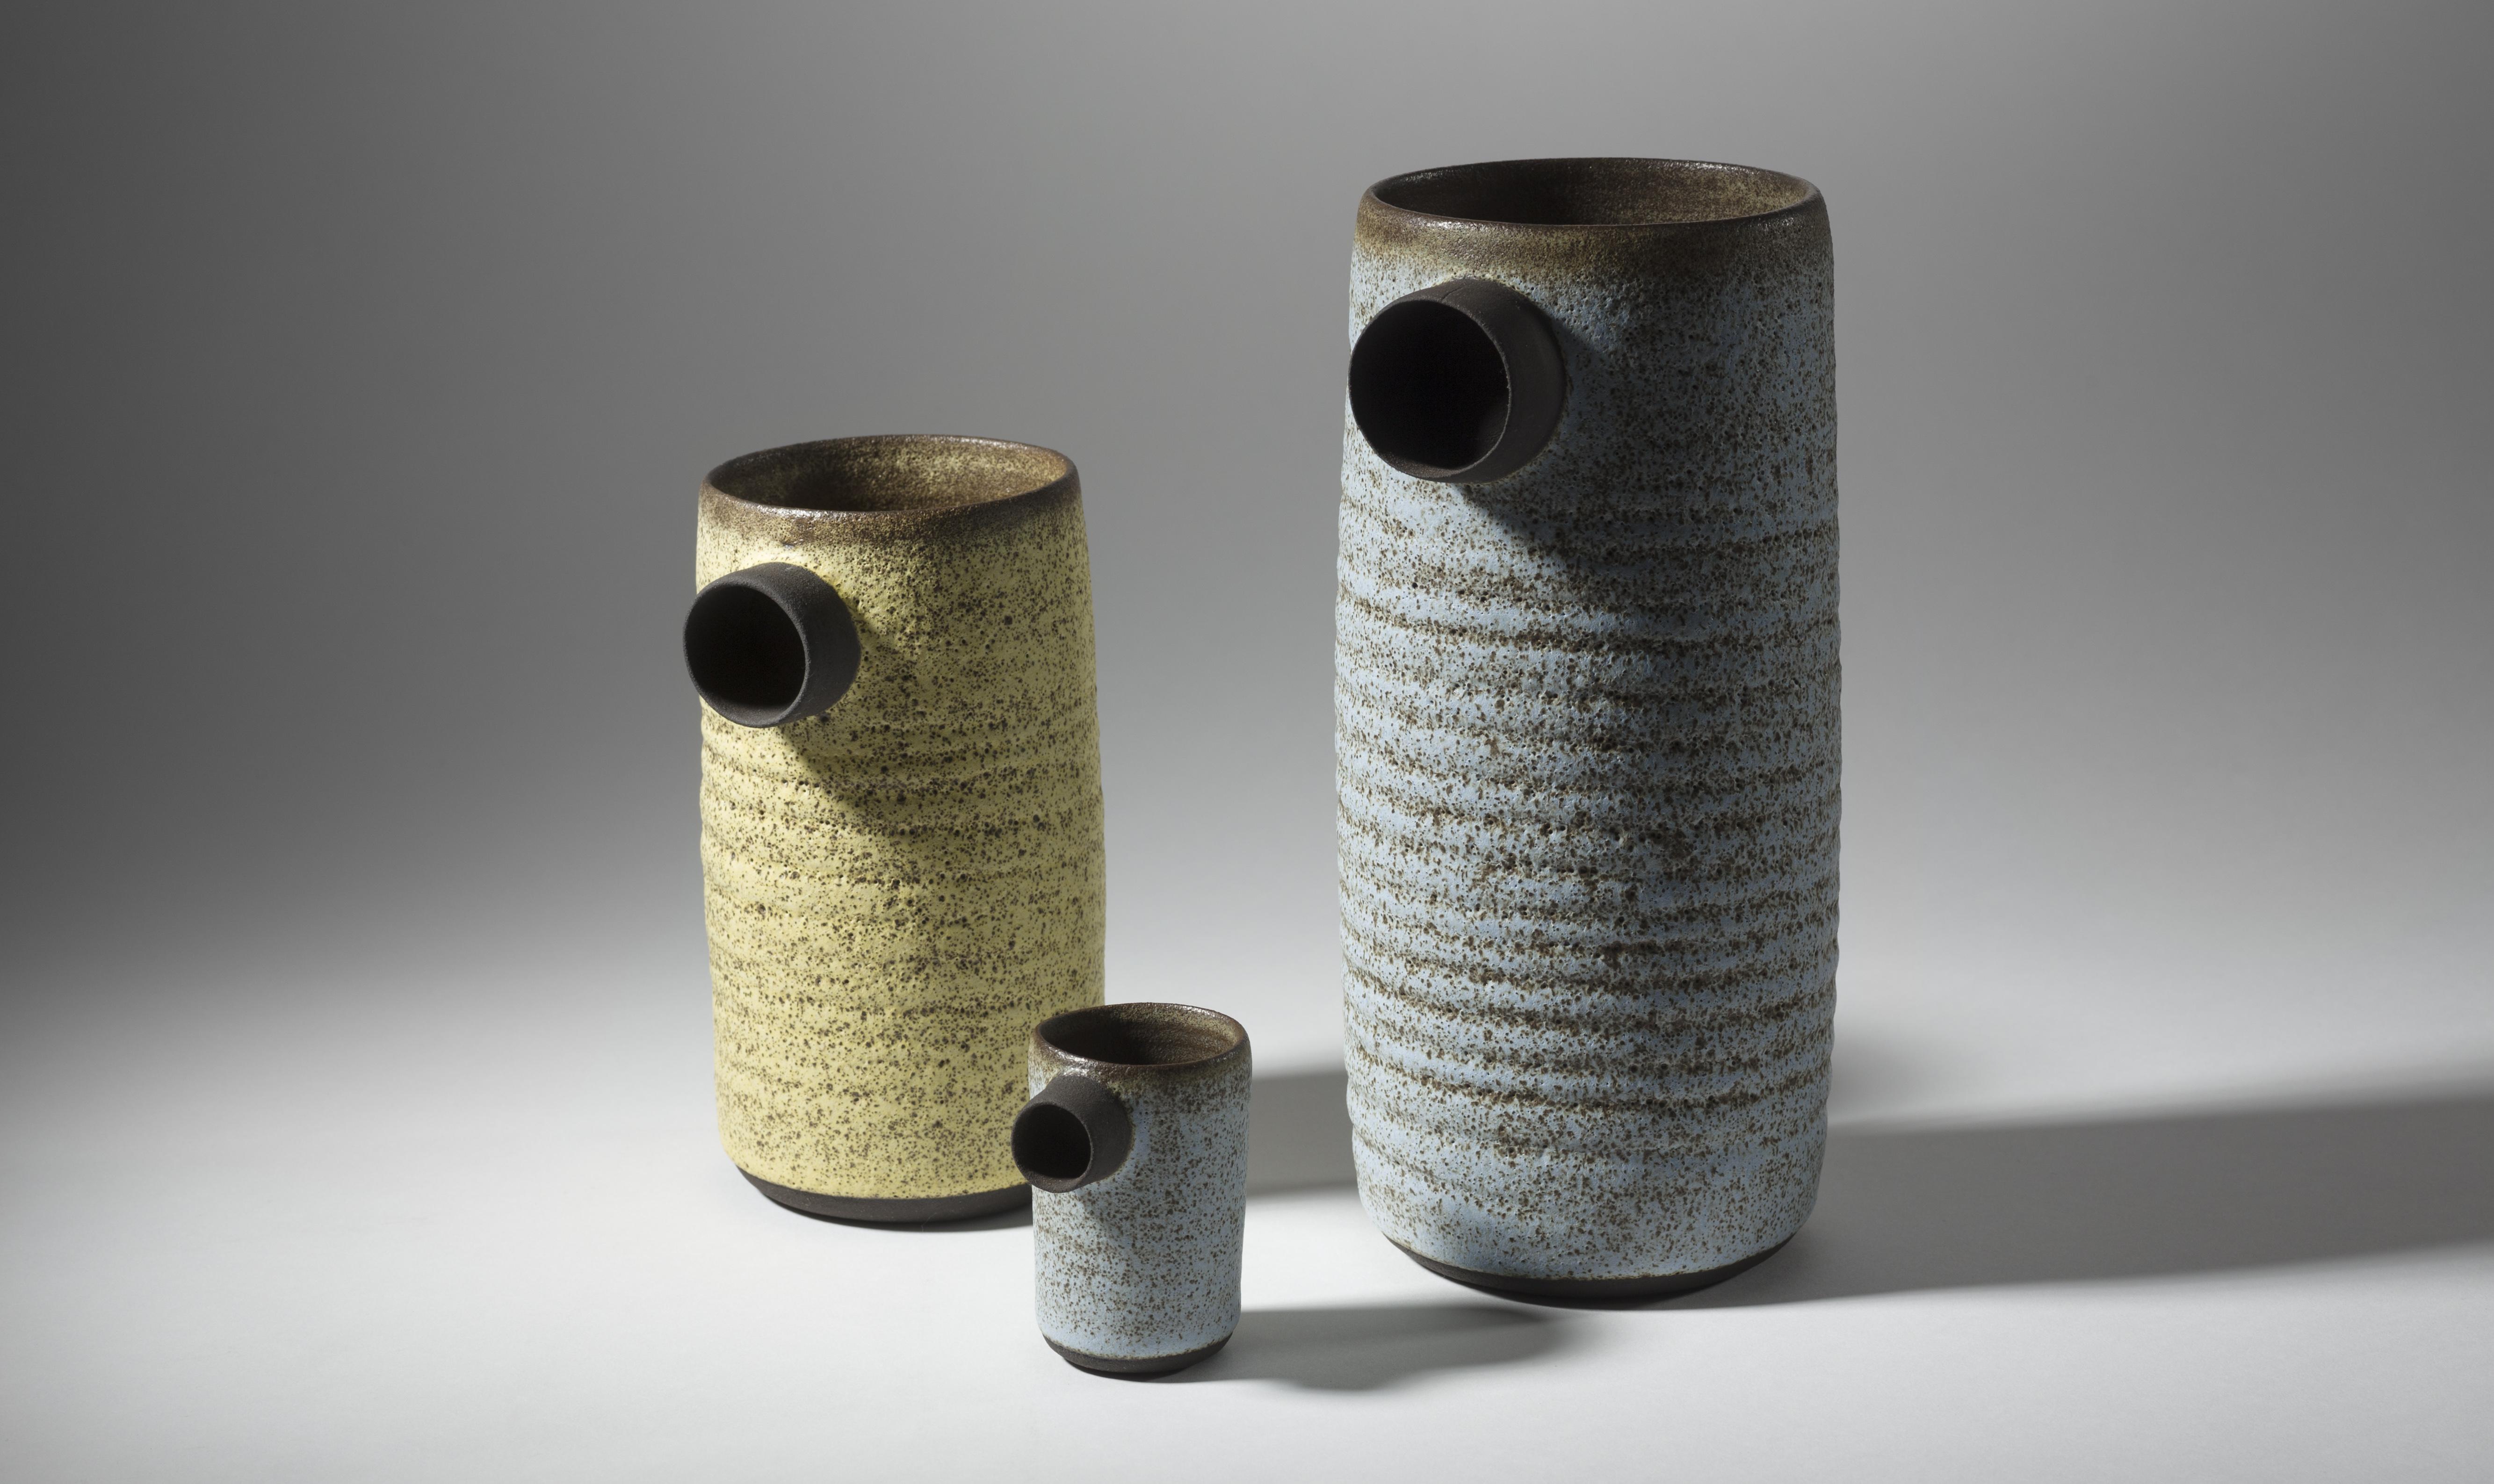 Solines, Black Clay, Bubbly Glaze, 2015